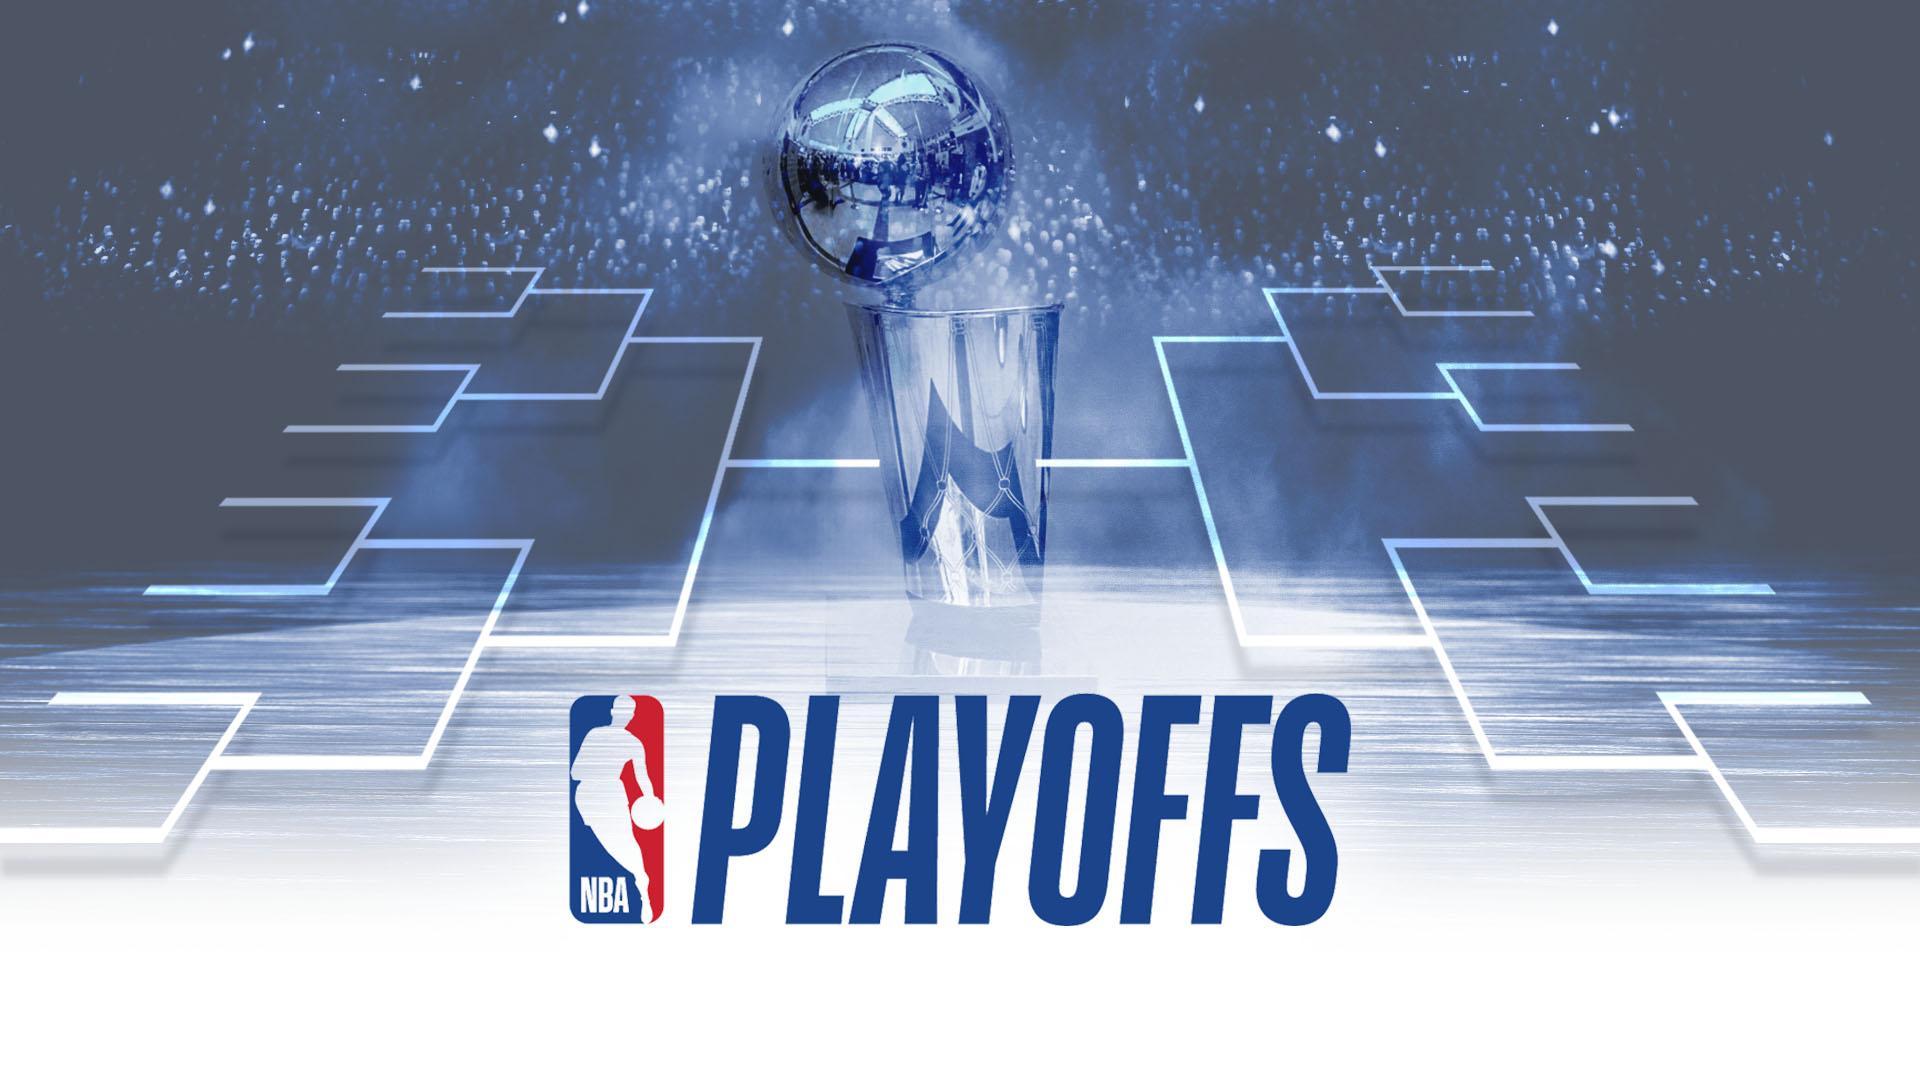 NBA-ს კონფერენციის ფინალების ყველა მონაწილე ცნობილია